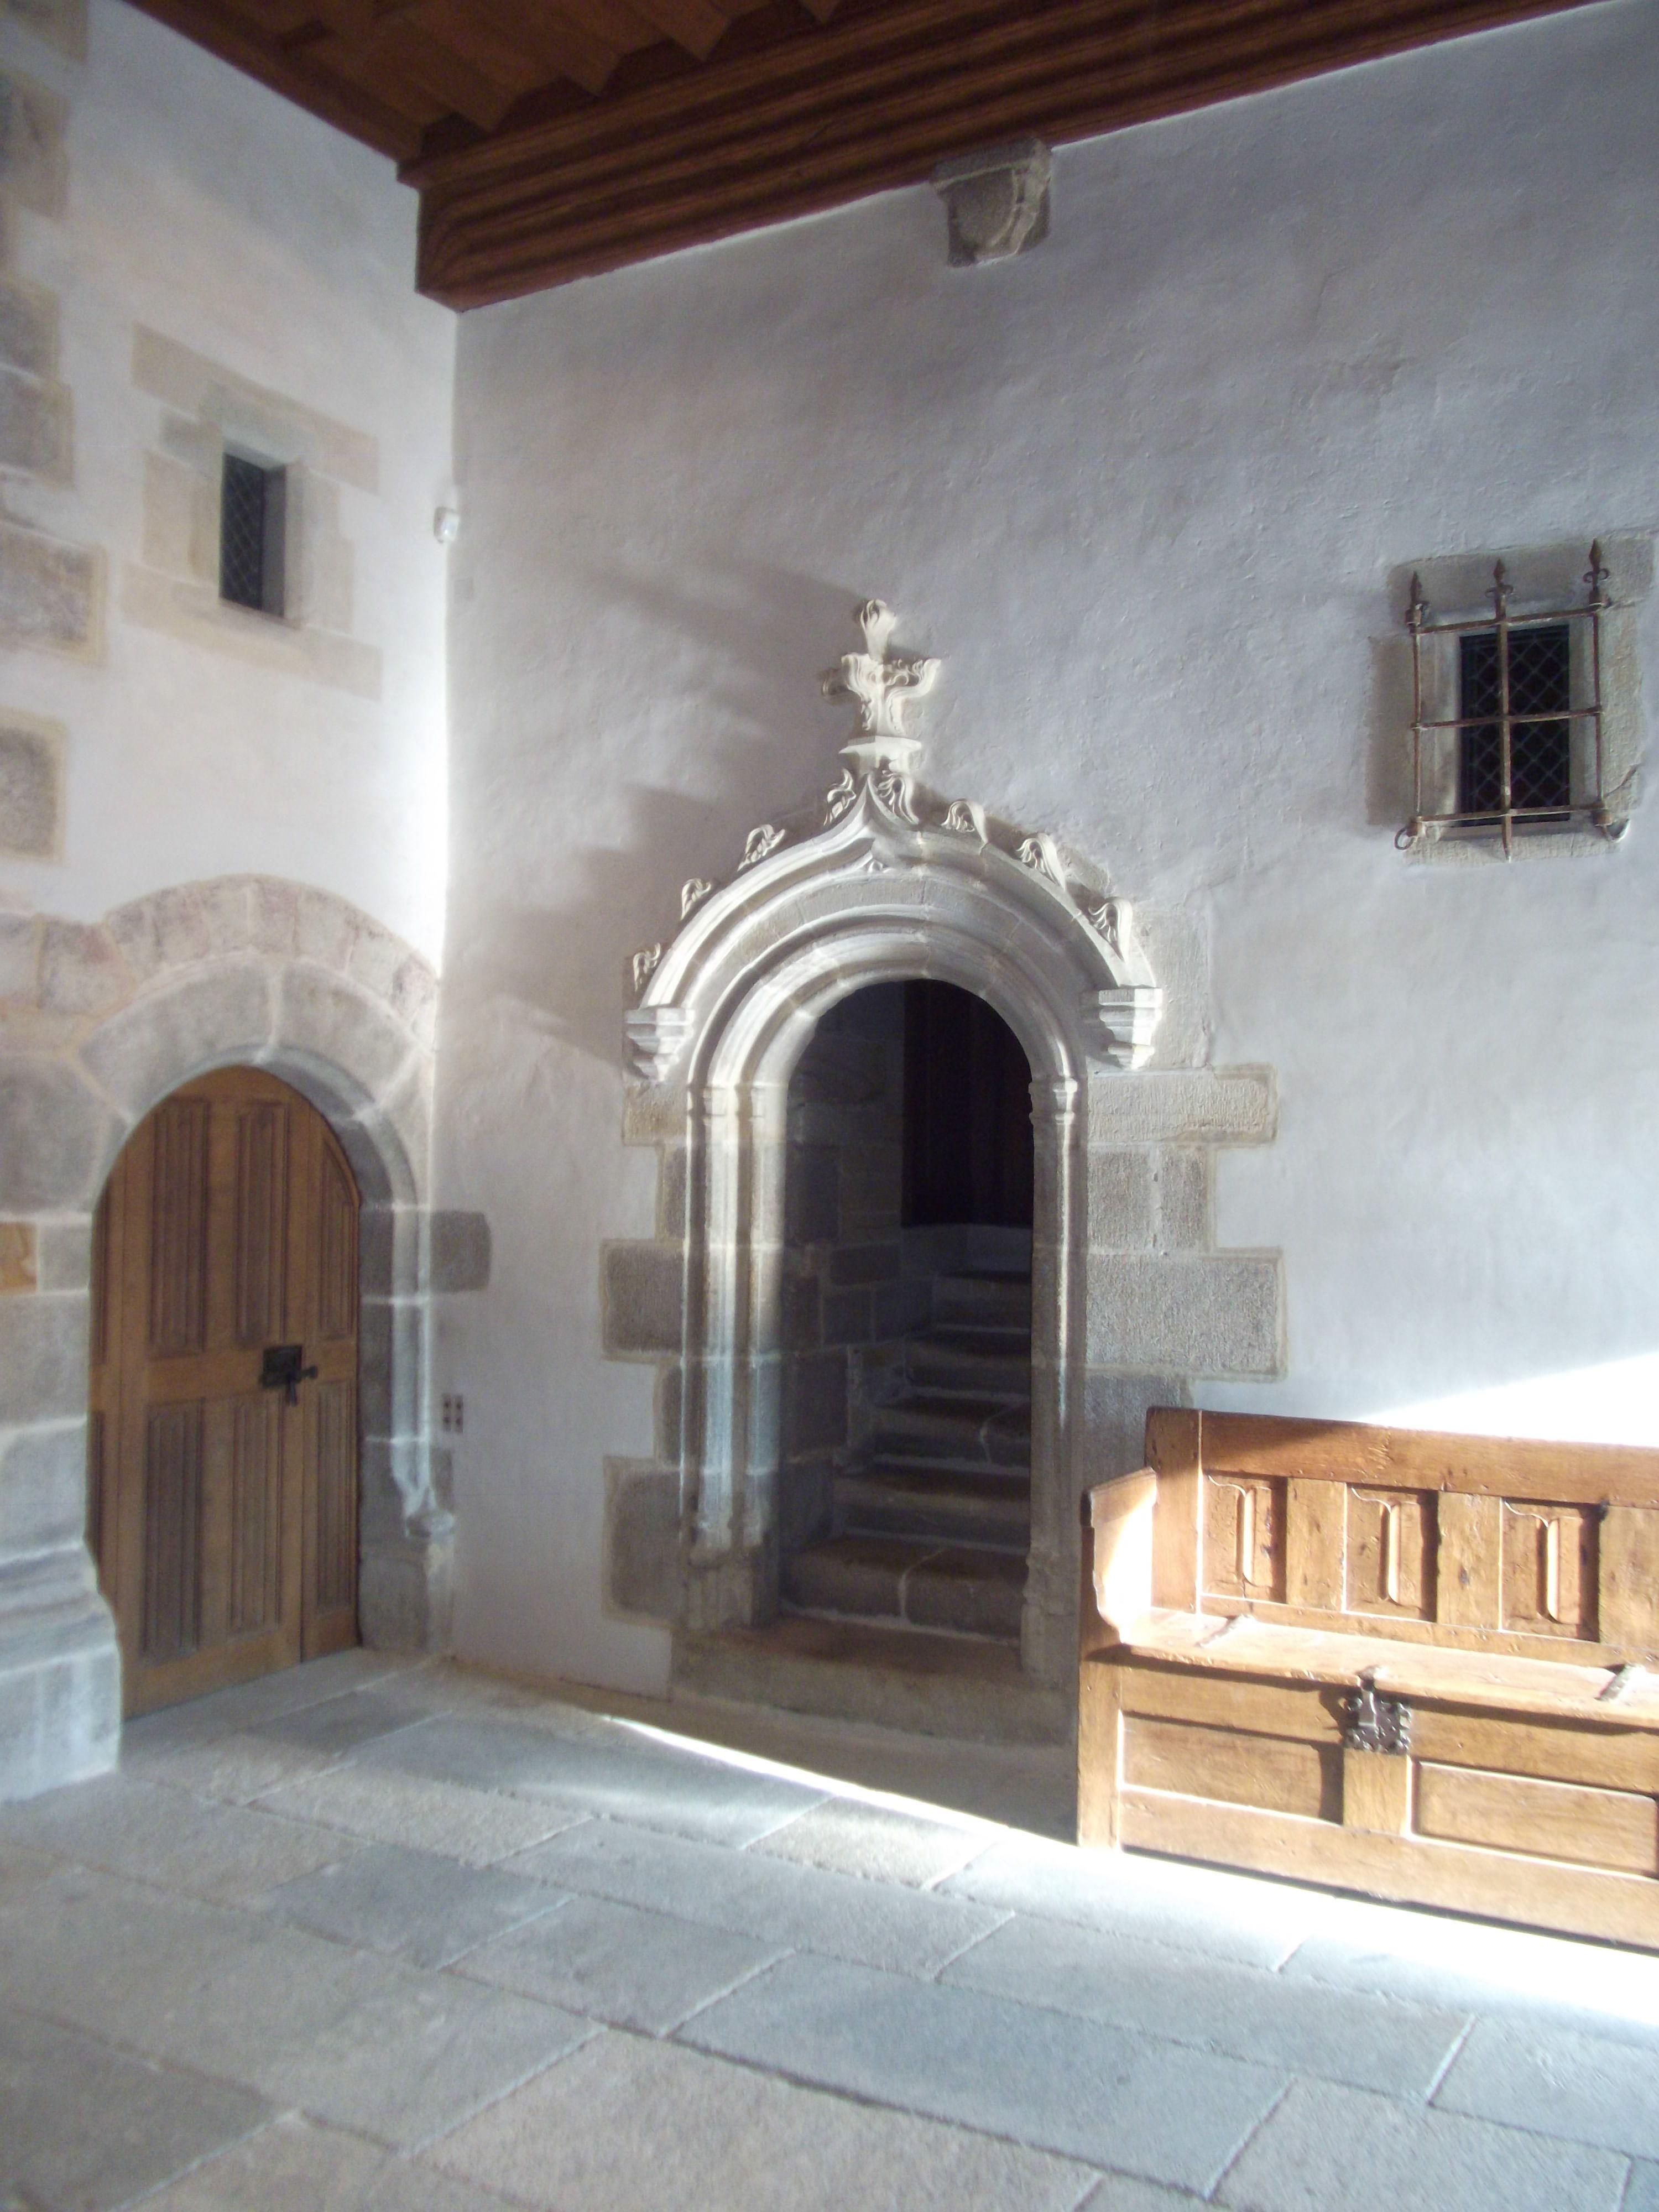 Salle Basse, Tournevent, Porte coulissante du XVe siècle, Château du BOIS ORCAN, classé MH